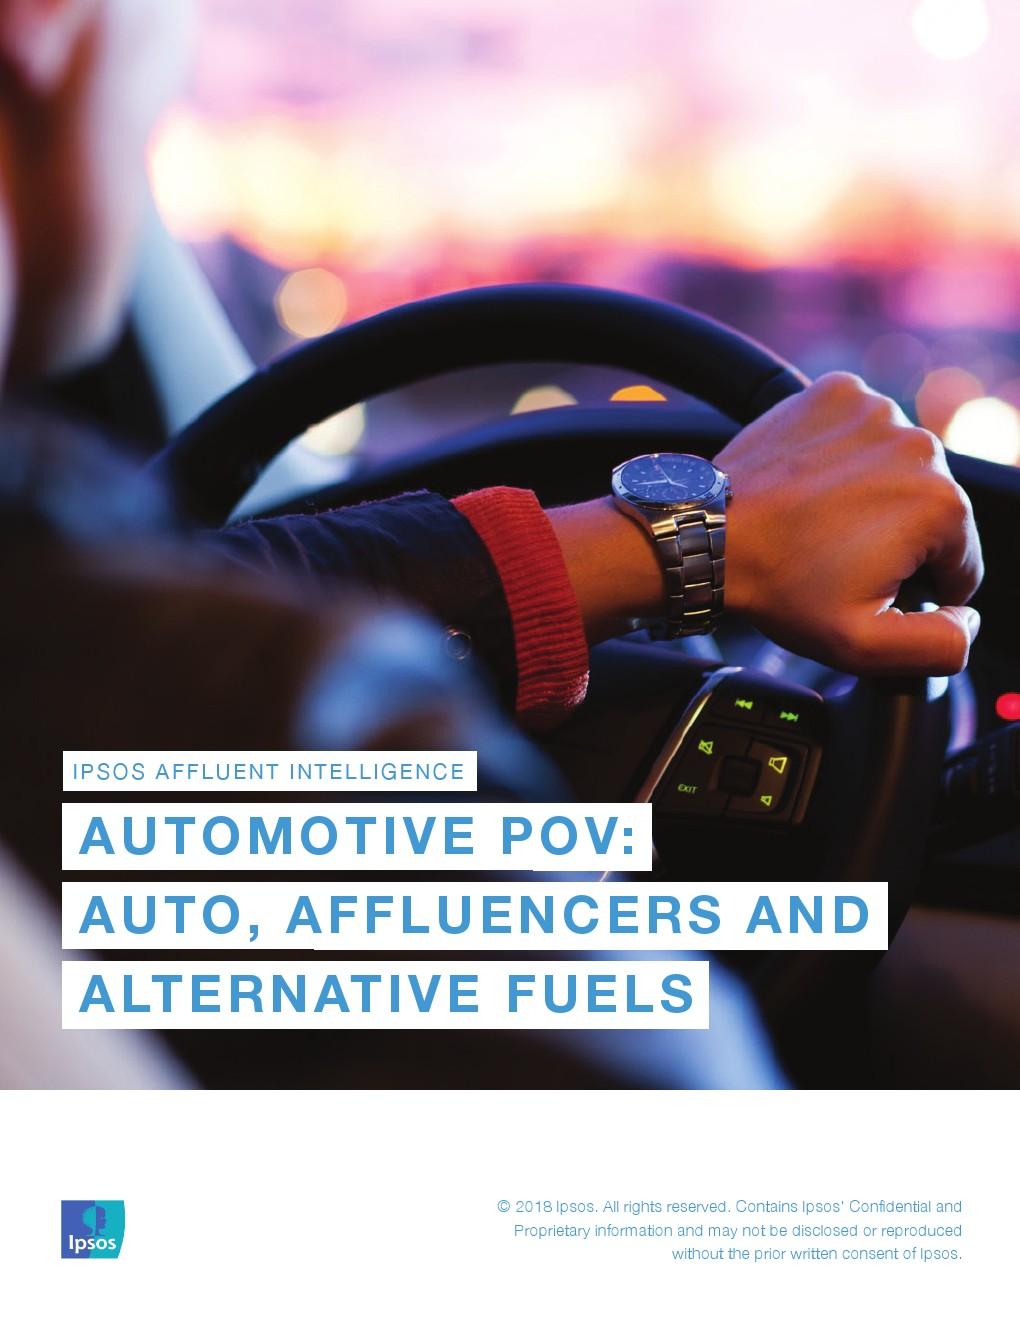 益普索:美国富裕人口与汽车订购服务